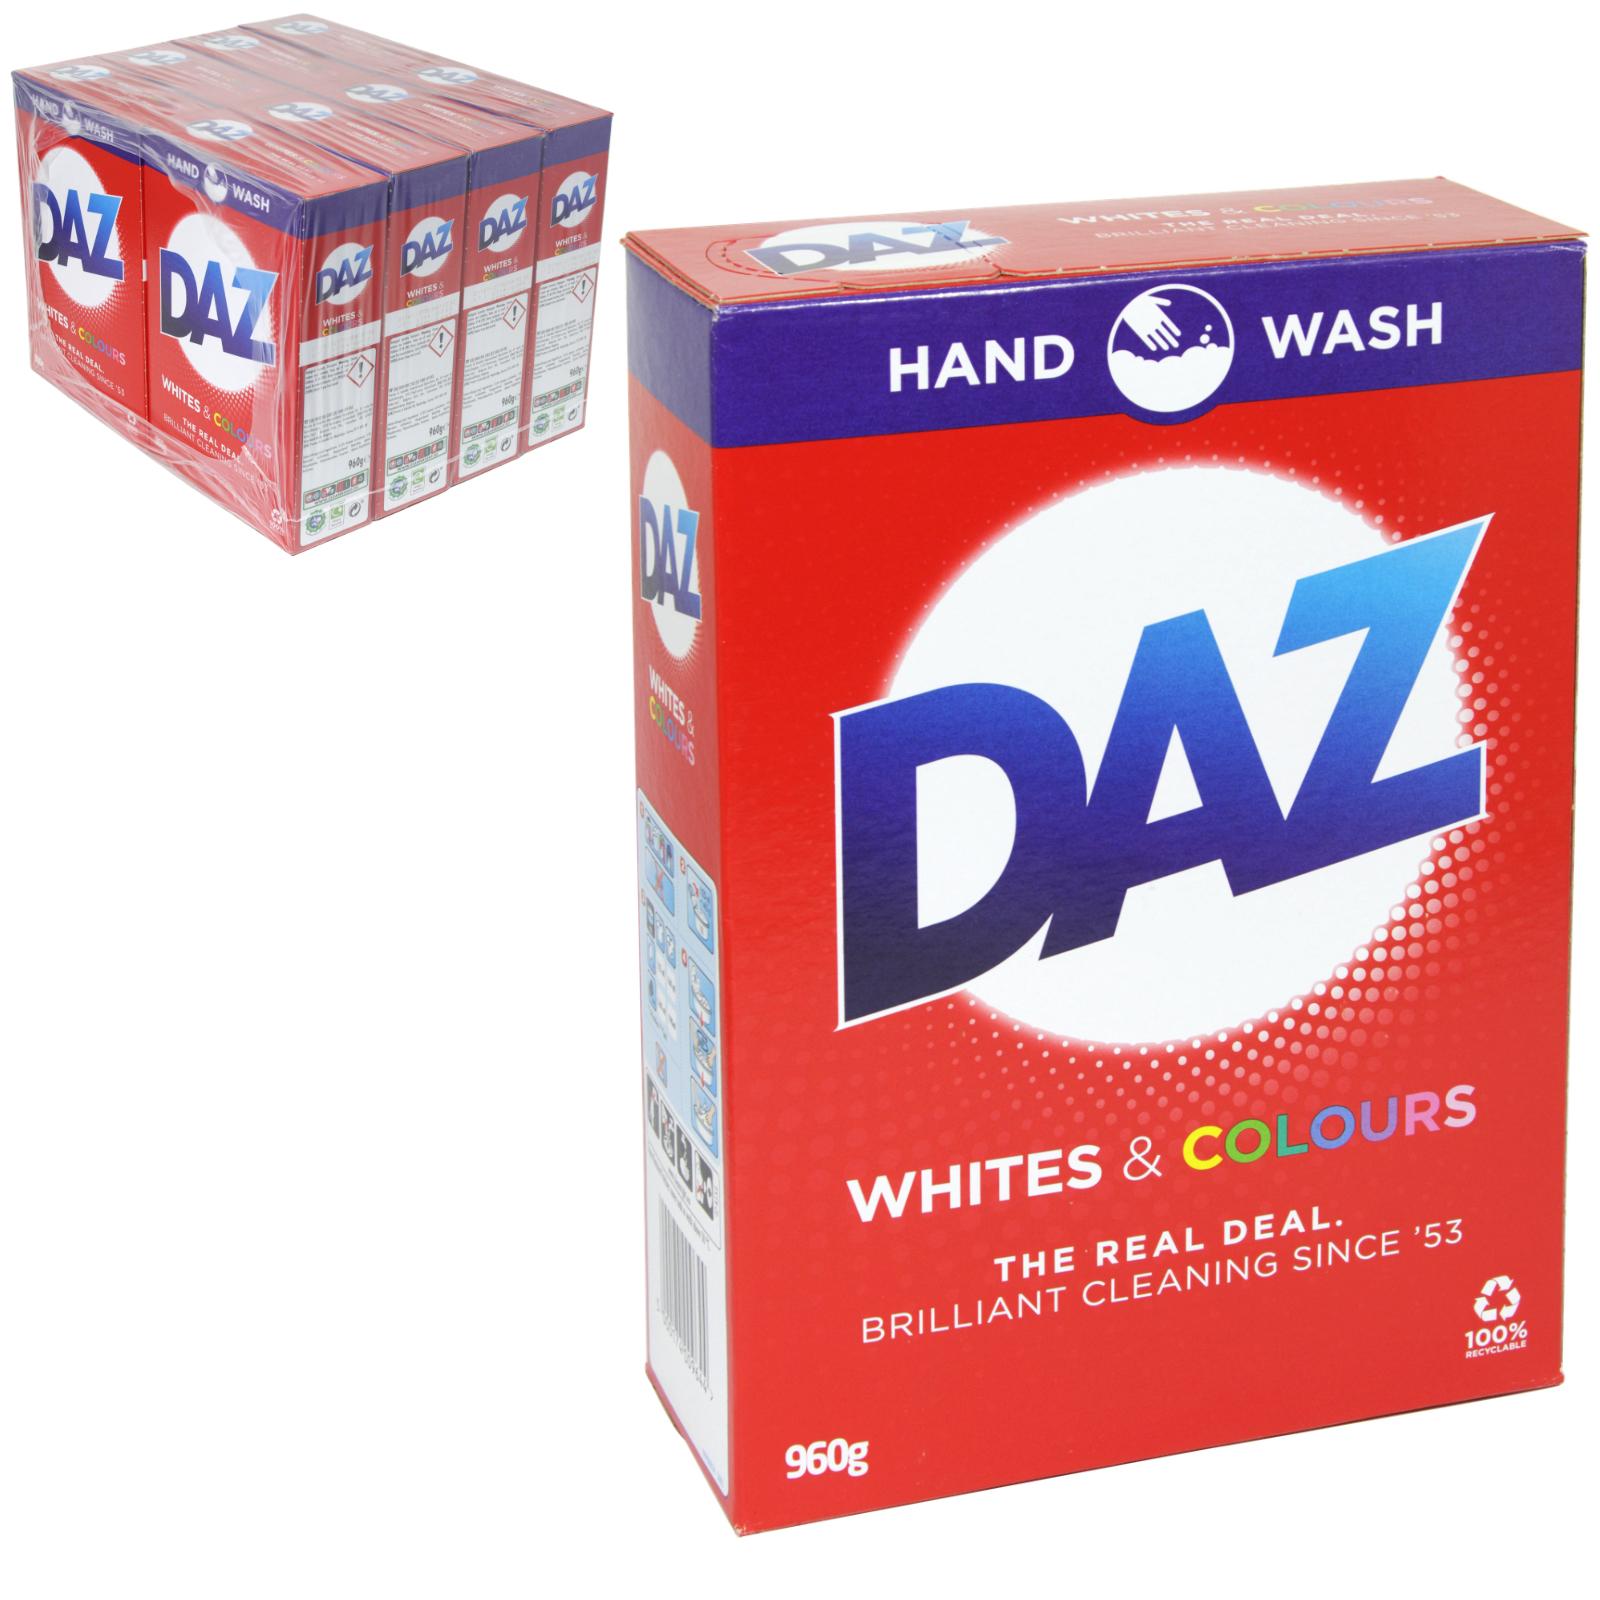 DAZ POWDER 960GM HAND+TWIN TUB